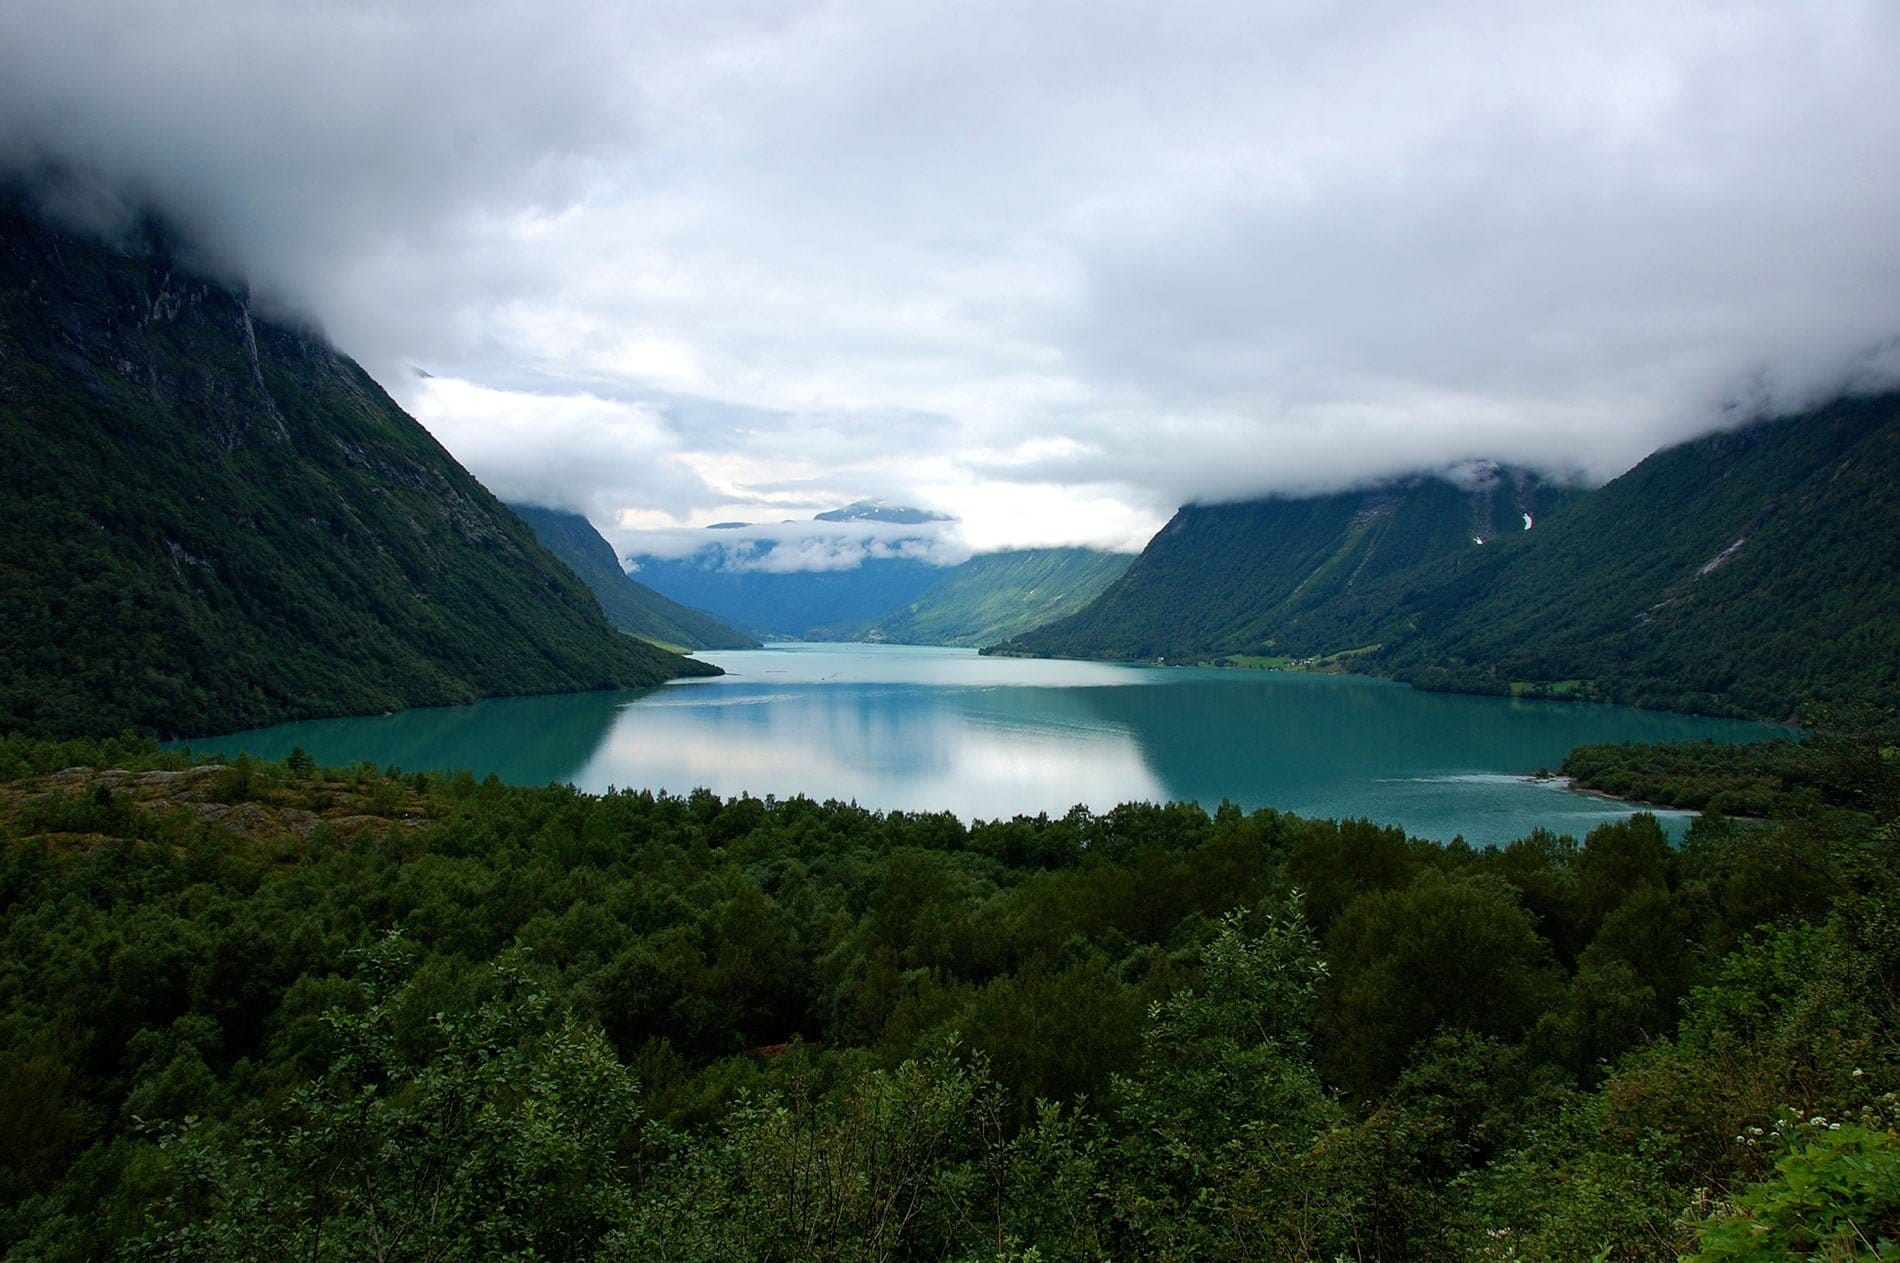 Norvège, le lac turquoise Lovatnet et l'Innvikfjord - 22 v'la Scarlett